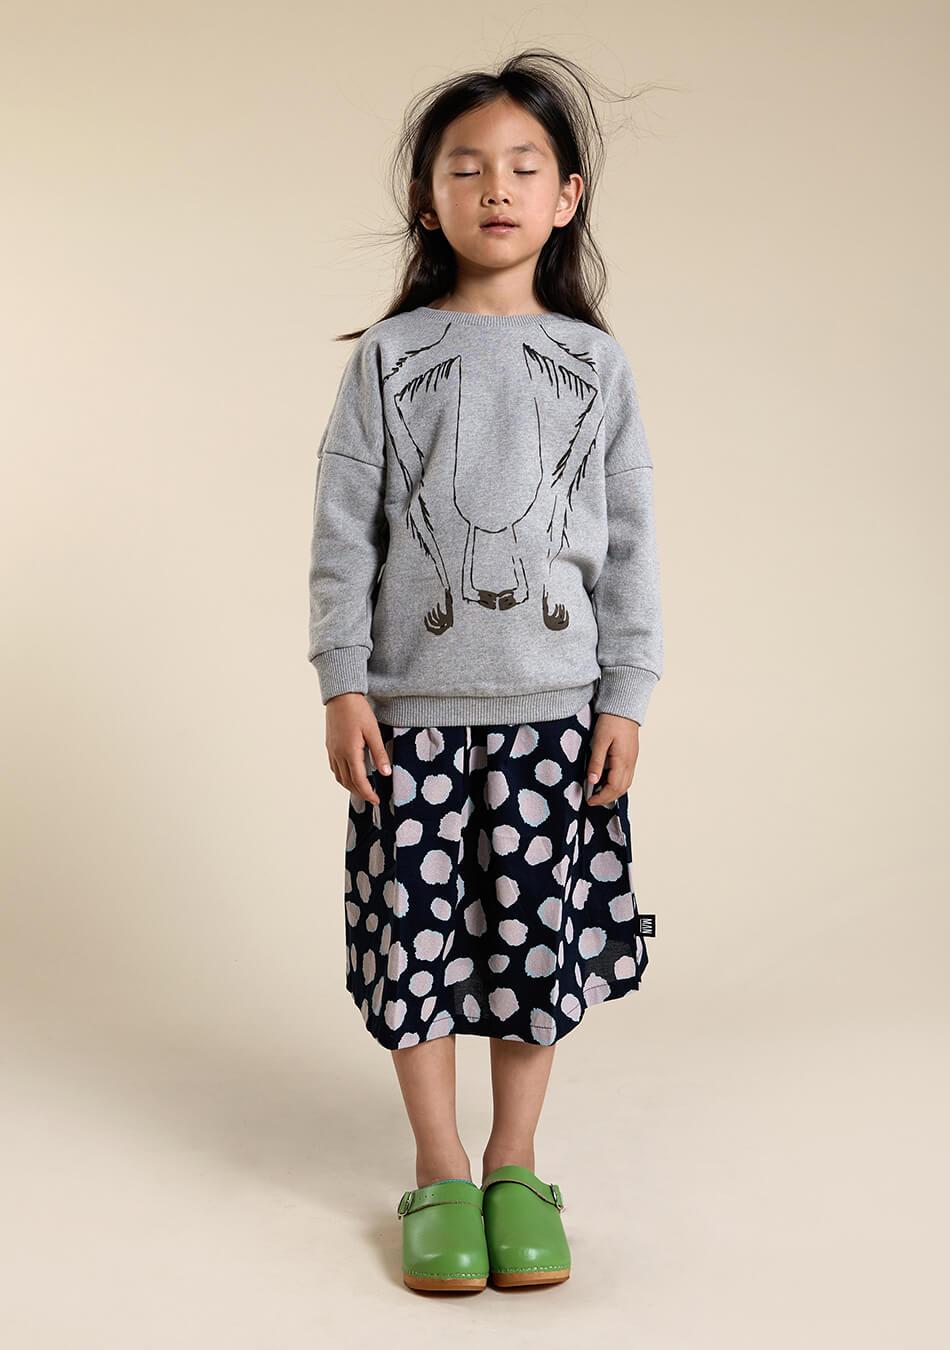 woven kids skirt